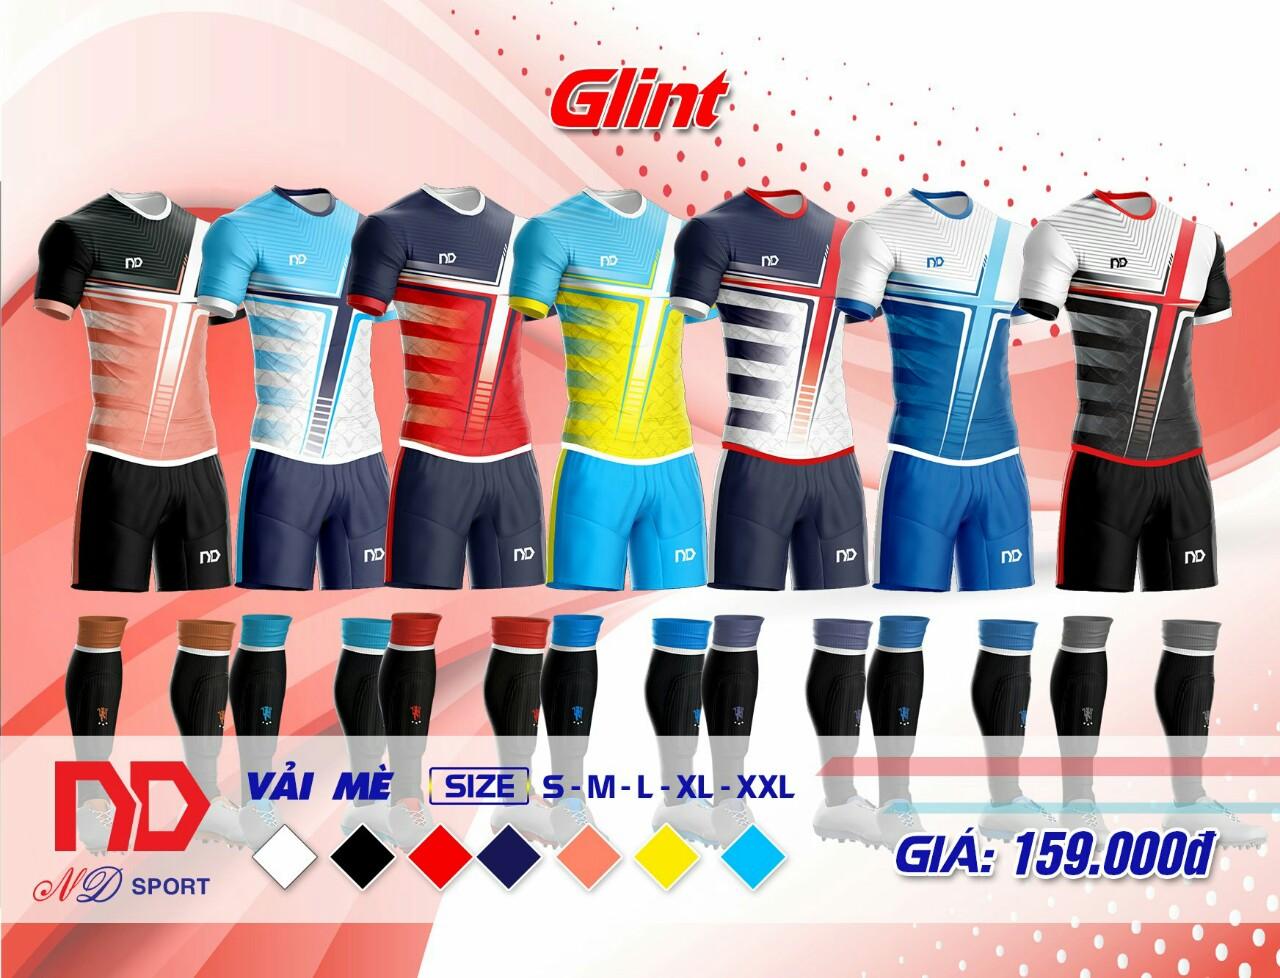 Bộ quần áo thể thao GLINT